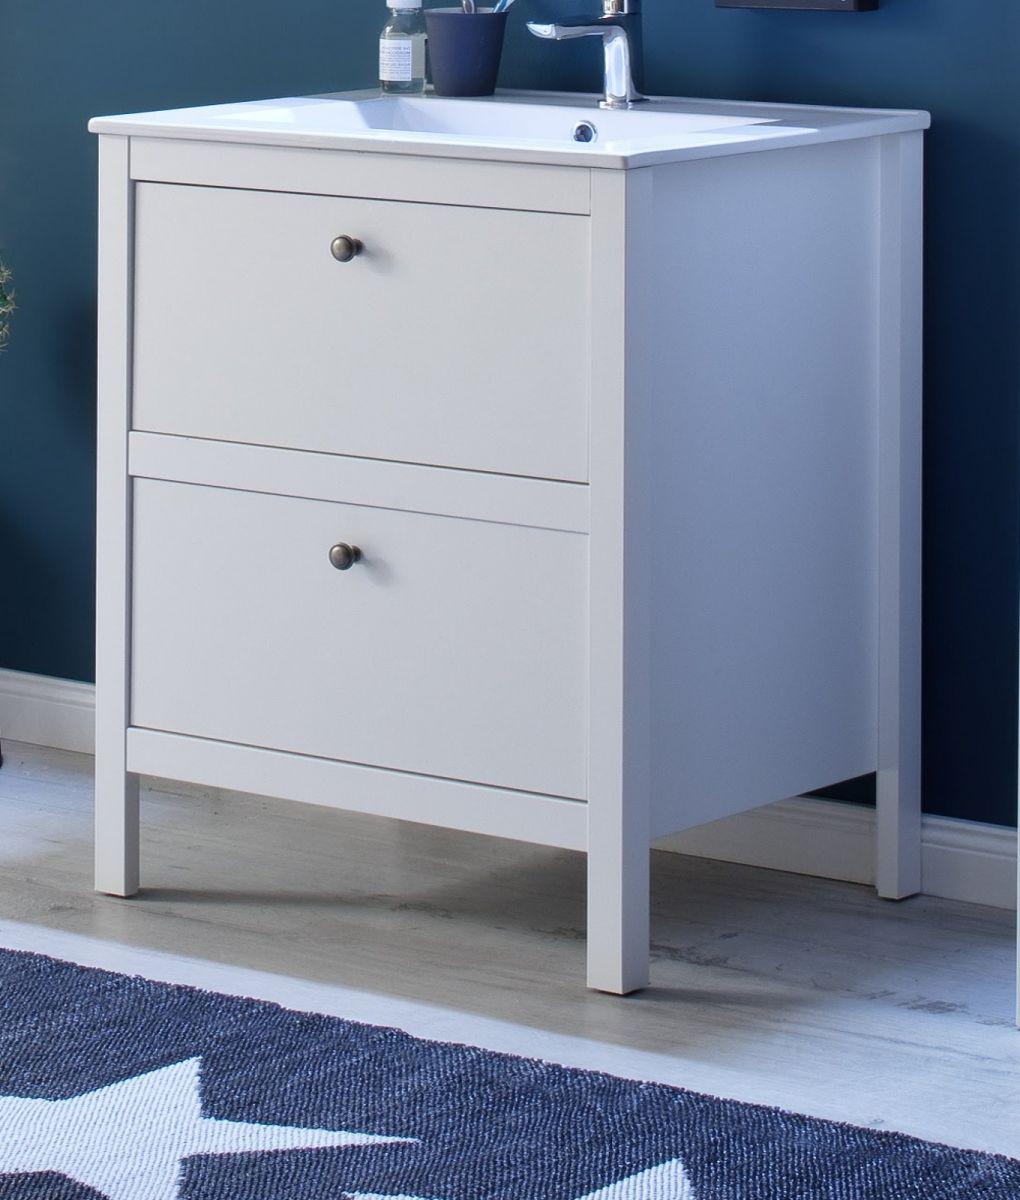 Waschbeckenunterschrank Ole weiss inkl- Waschbecken Badmöbel Set 2-teilig 61 cm